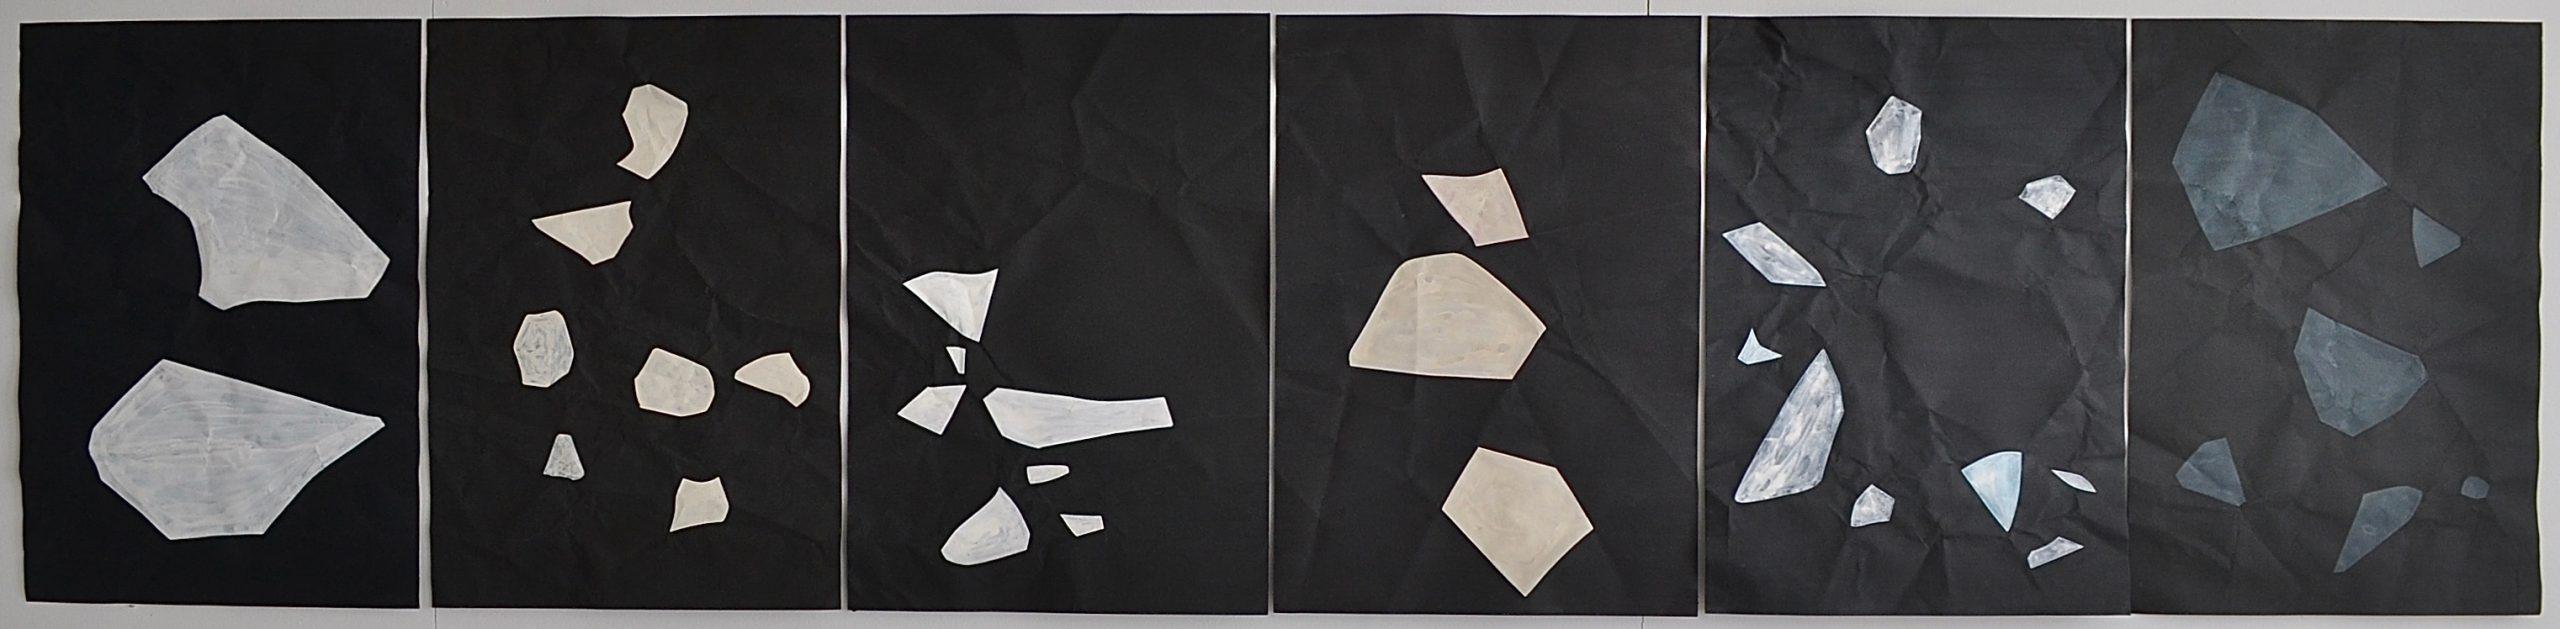 The Other Side of The Darkness, series of double-sided paintings, pages 2, 4, 6, 8, 10 and 12 // Pimeän toisella puolella on pimeä, sarja kaksipuolisia maalauksia, sivut 2, 4, 6, 8, 10 ja 12; 2020, chalk paint and acrylic on paper, à 60 x 42 cm